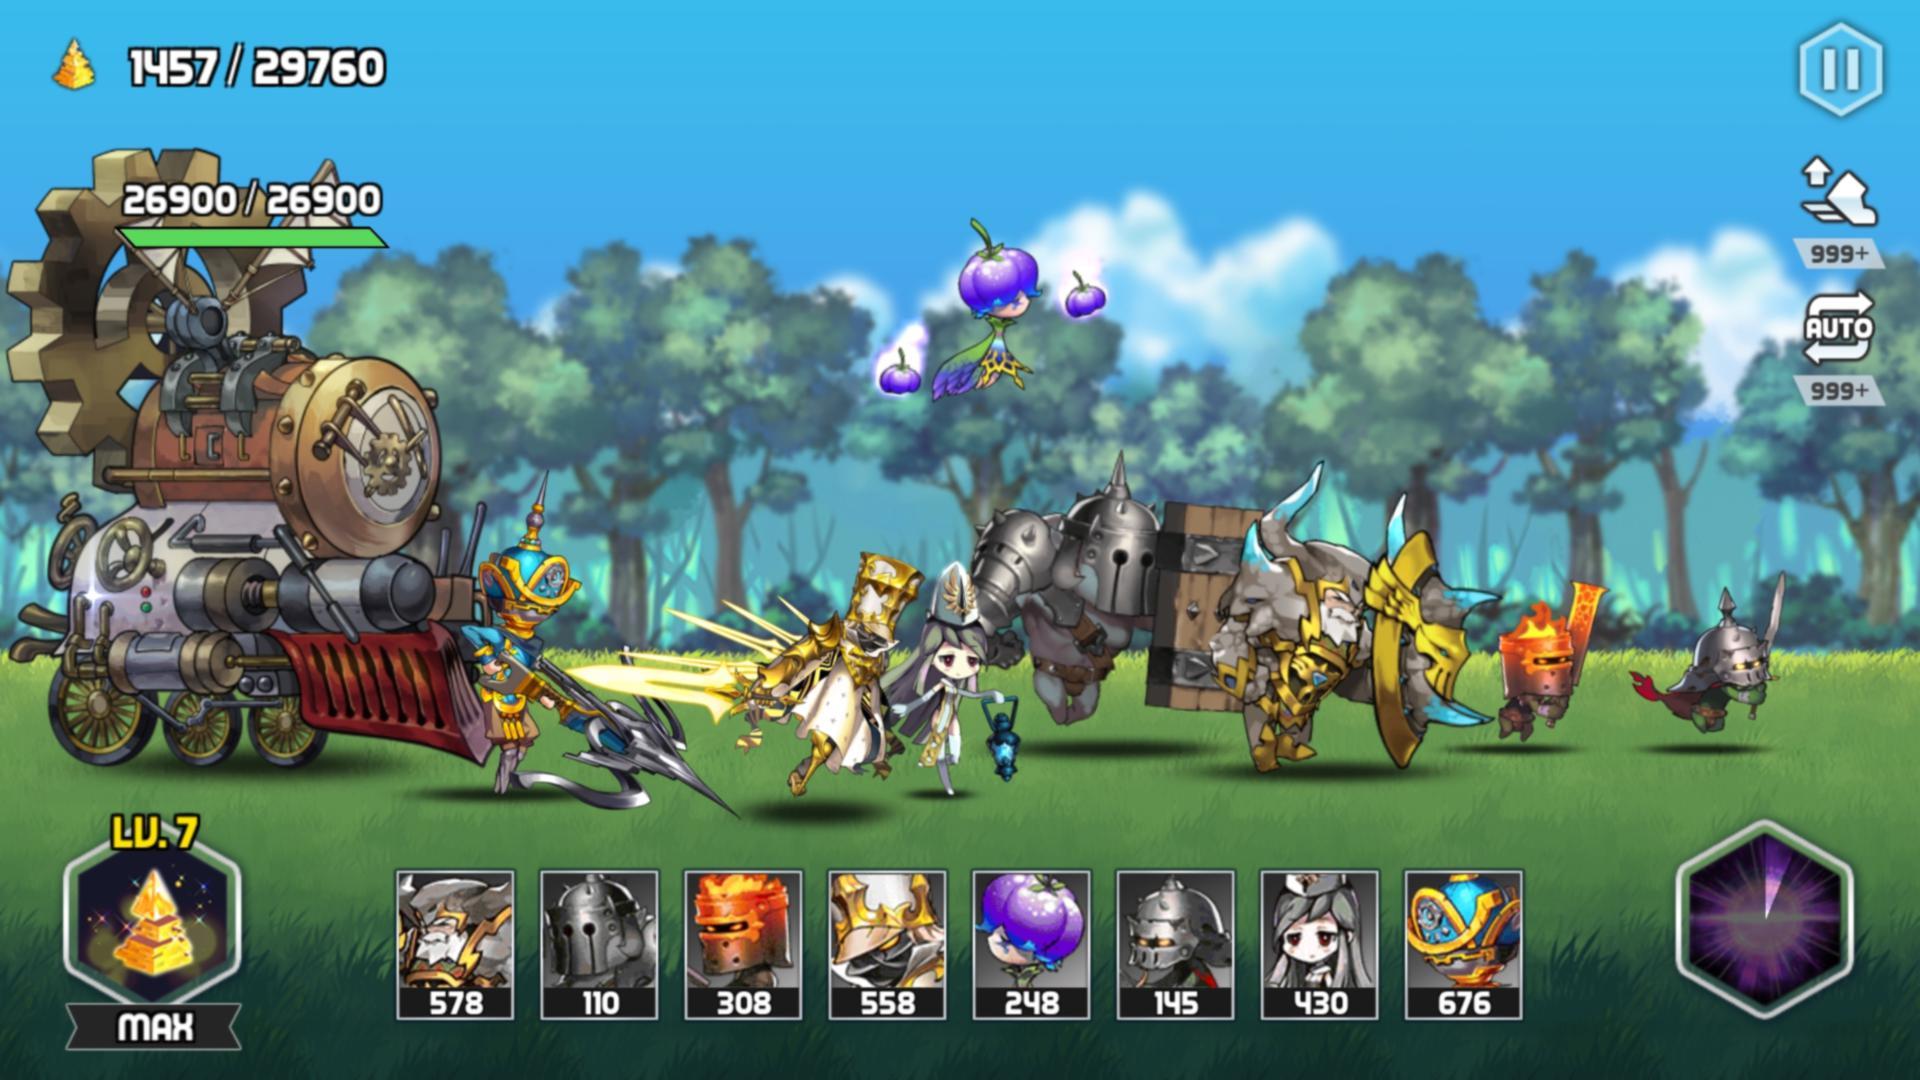 艾洛伊:防卫战争 游戏截图1